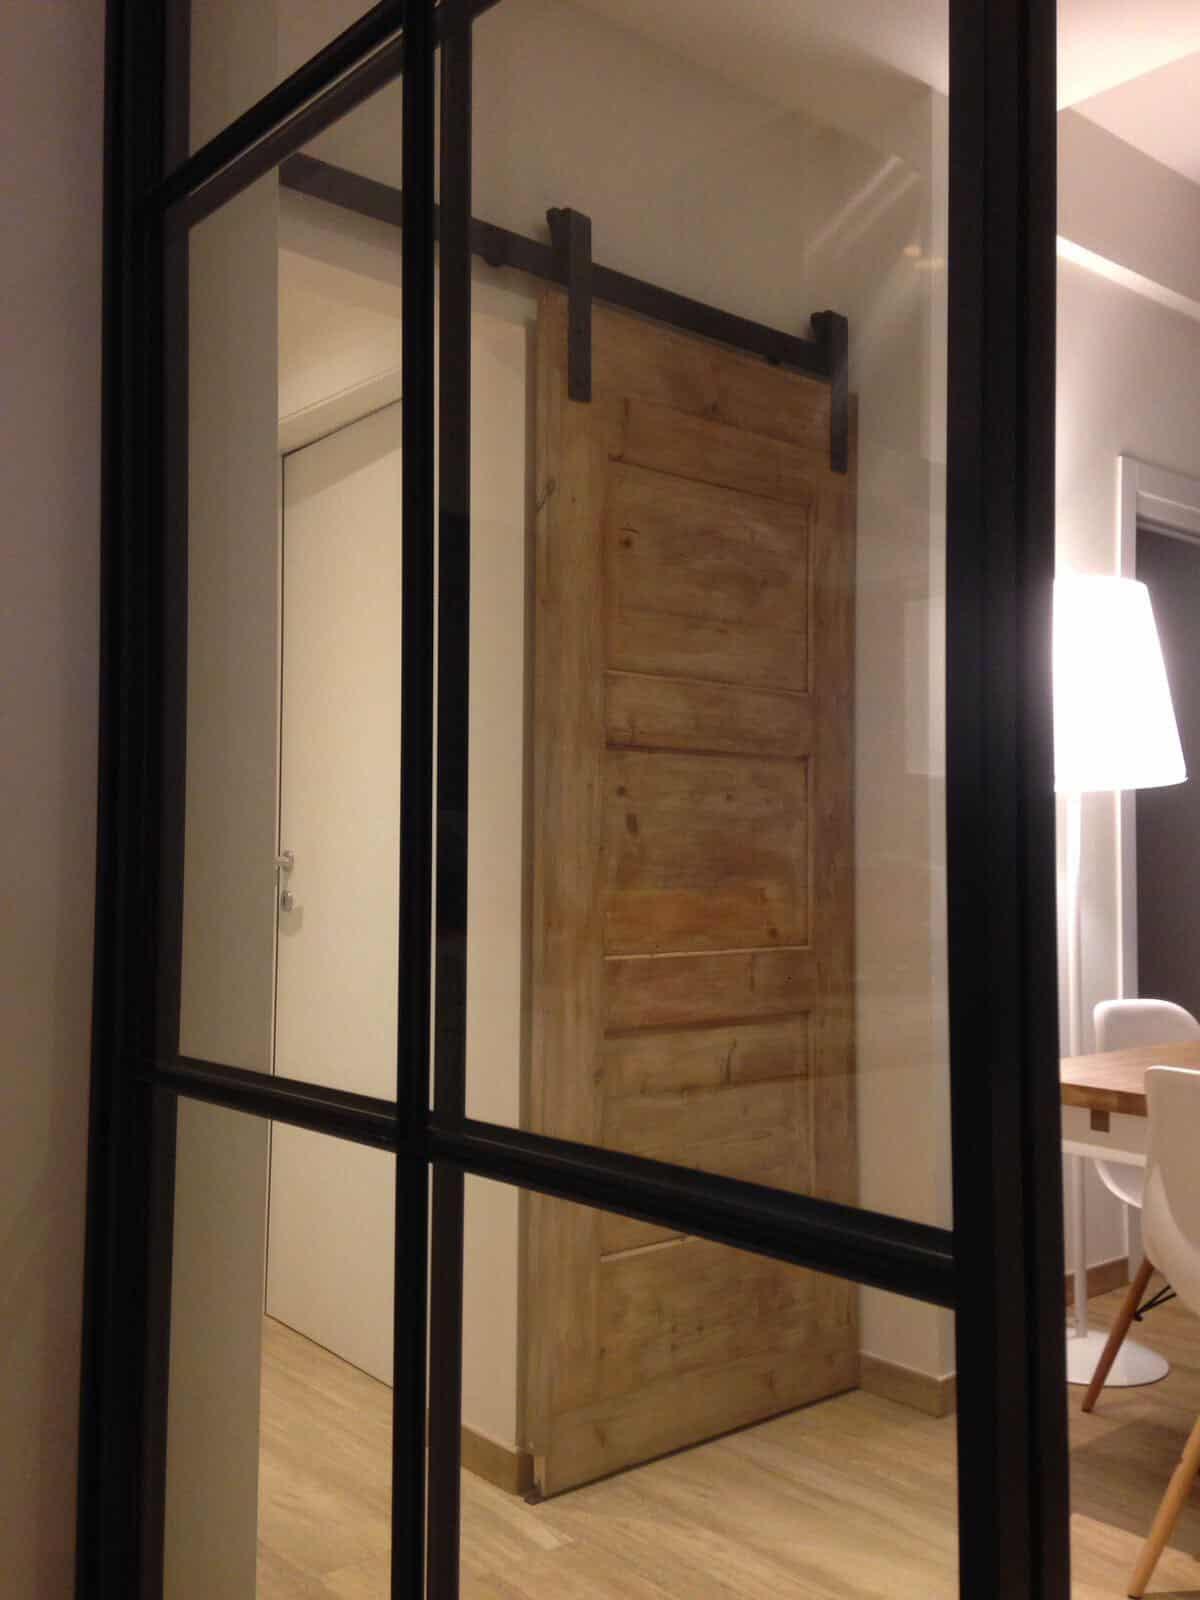 parete con vetrata in ferro battuto Binario per porta scorrevole in ferro le fabric design e porta divisoria Barn Door lunghezza 2 metri o lunghezza binario 3 metri